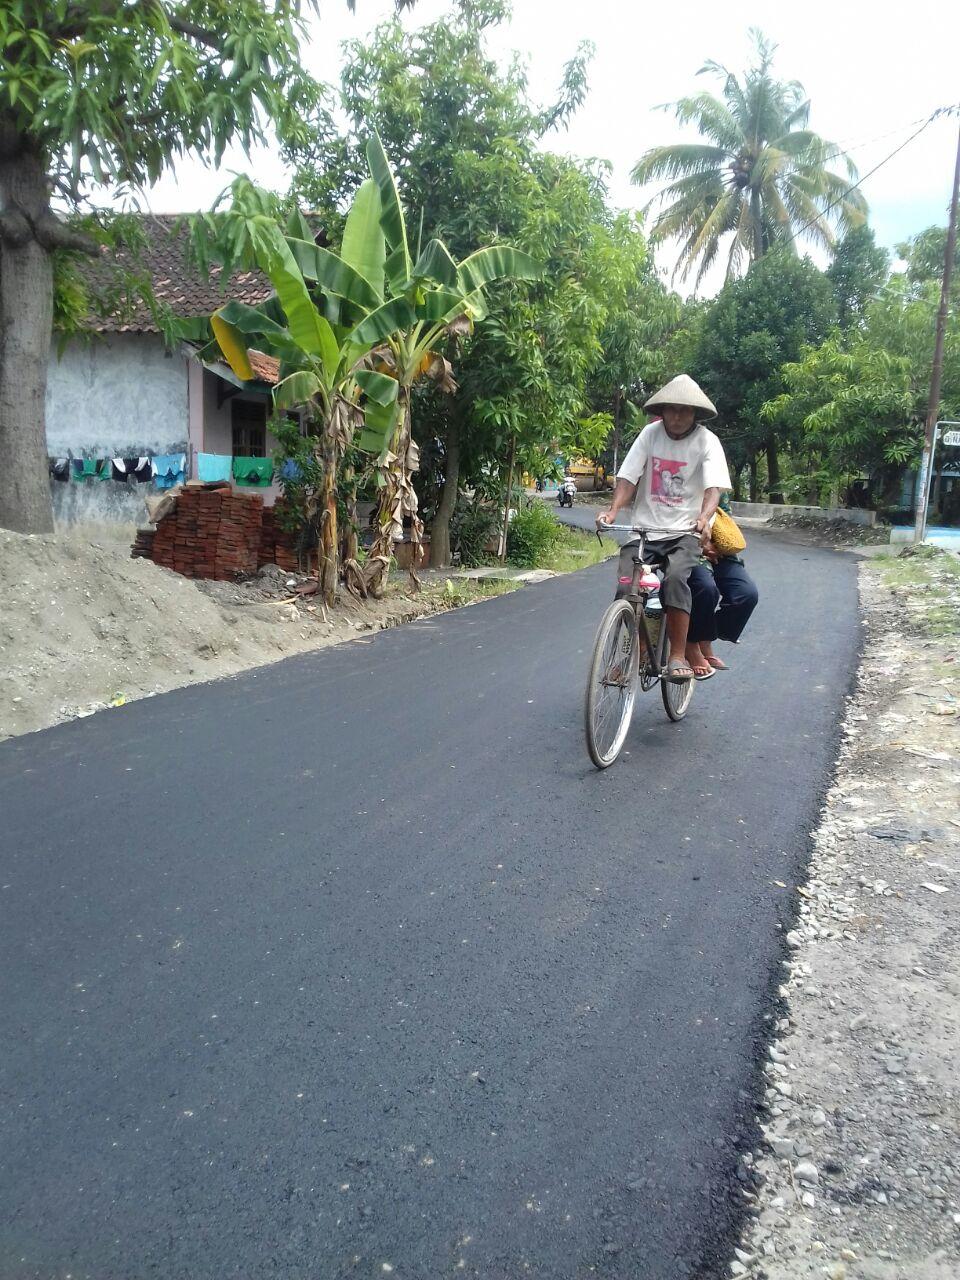 Salah satu warga sedang menikmati jalan aspal baru